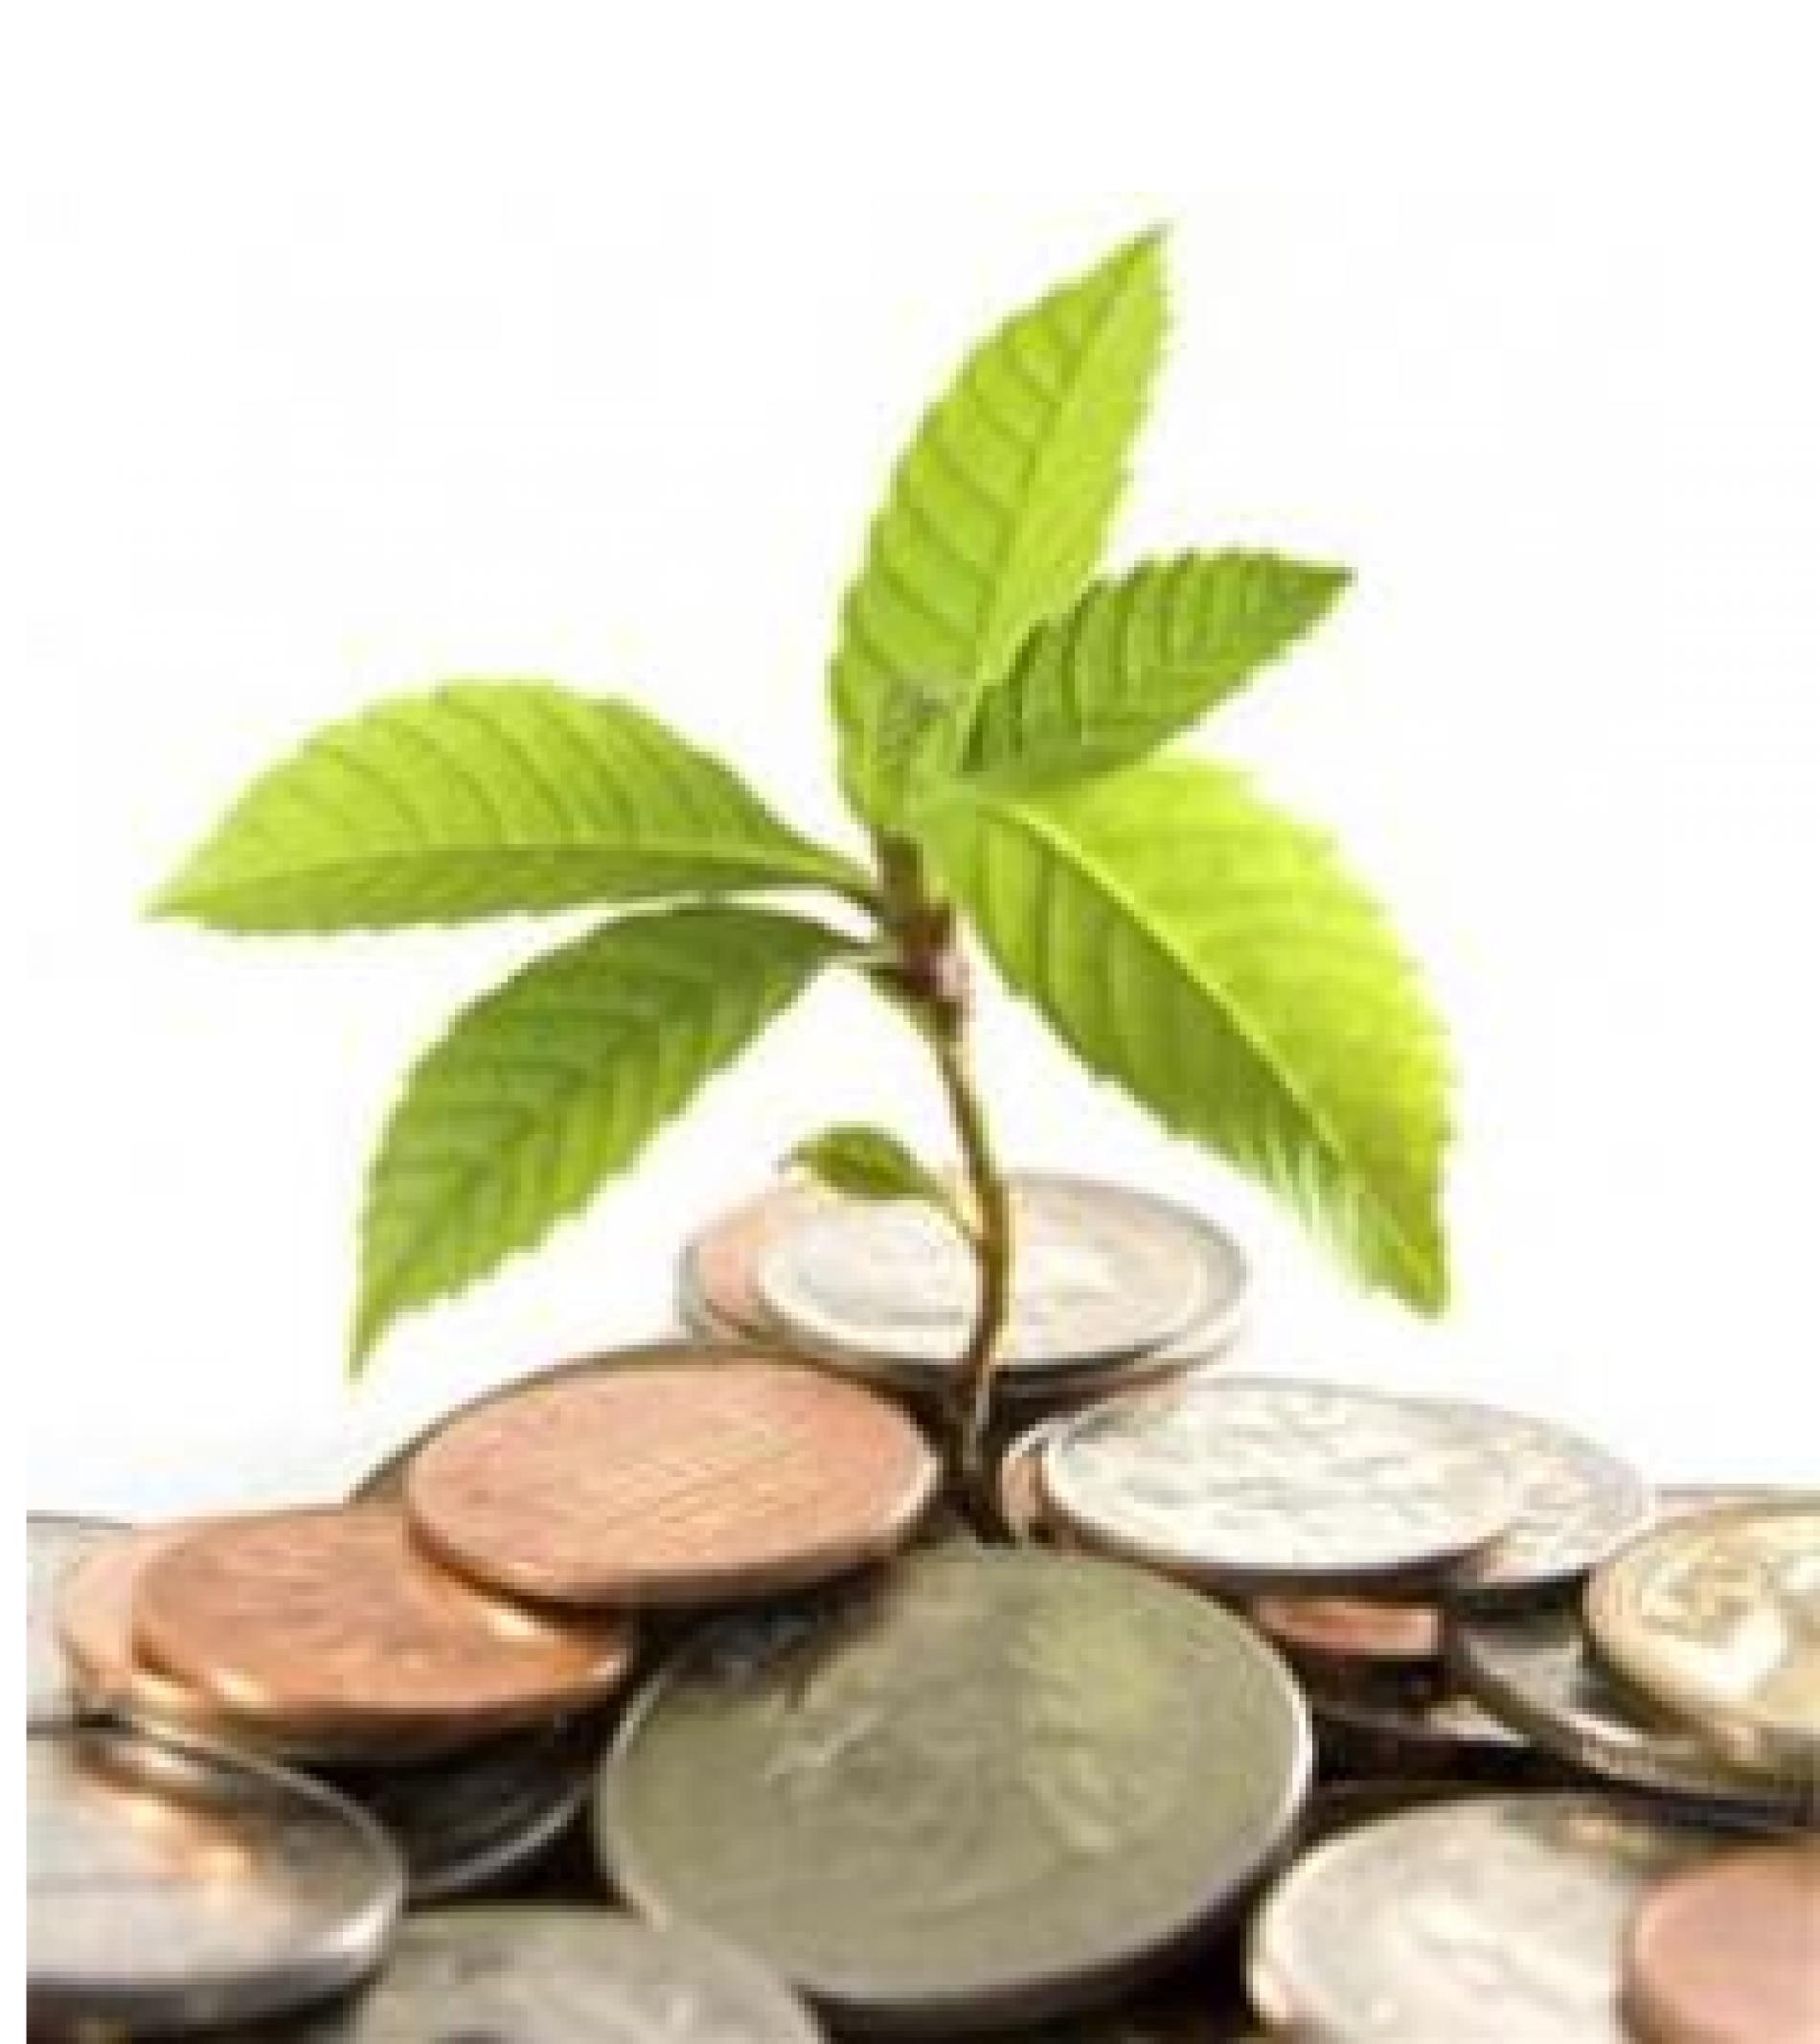 El Departament de Territori i Sostenibilitat convoca subvencions per al foment de l'ecoetiquetatge i l'ecodisseny